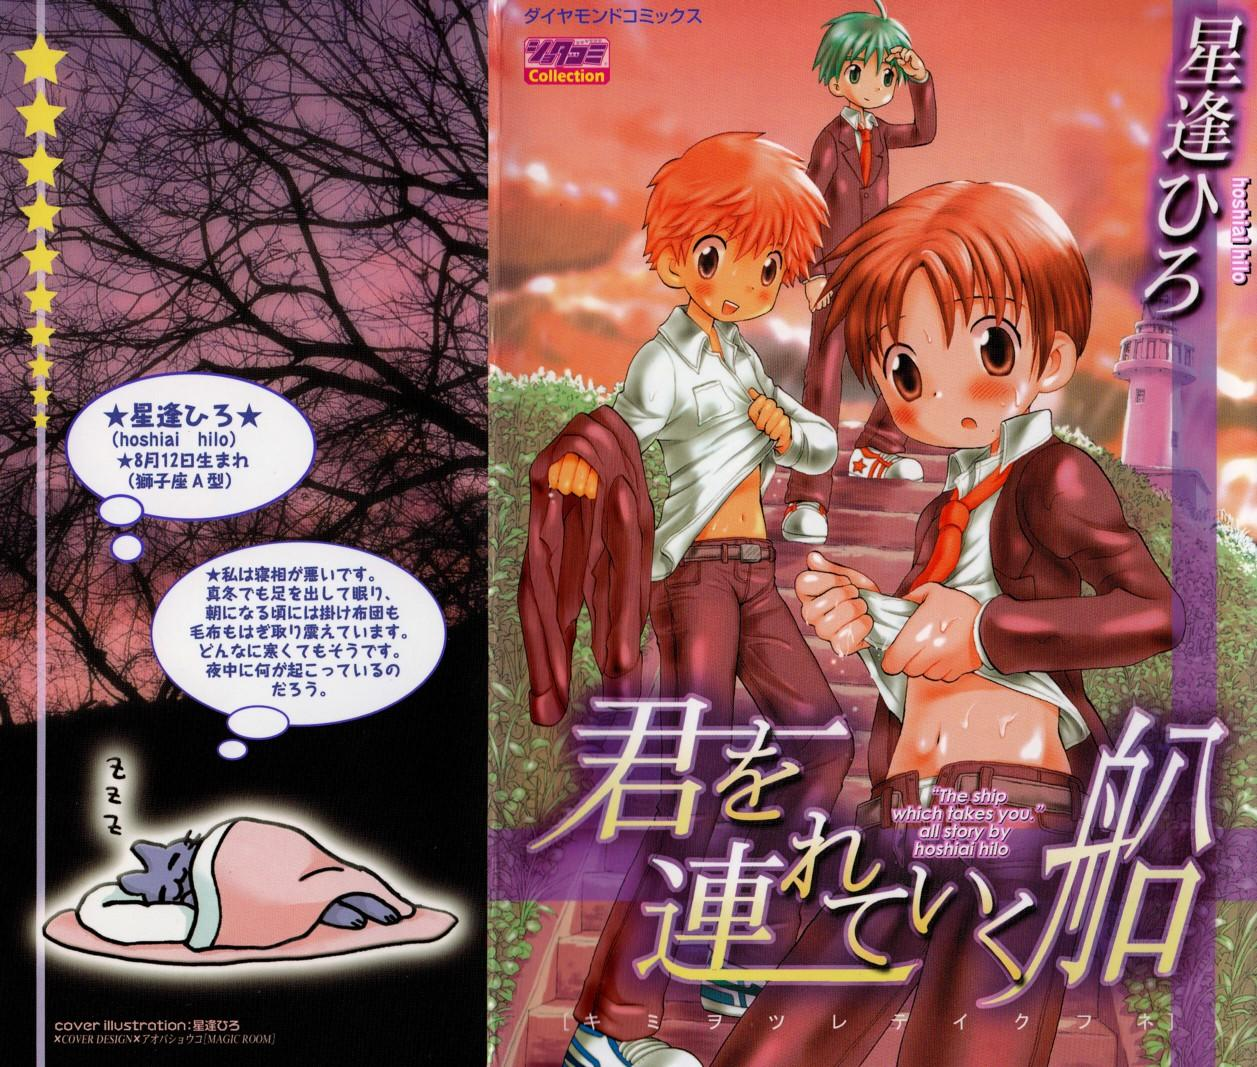 Kimi o Tsurete Iku Fune - The Ship which Takes you. 1